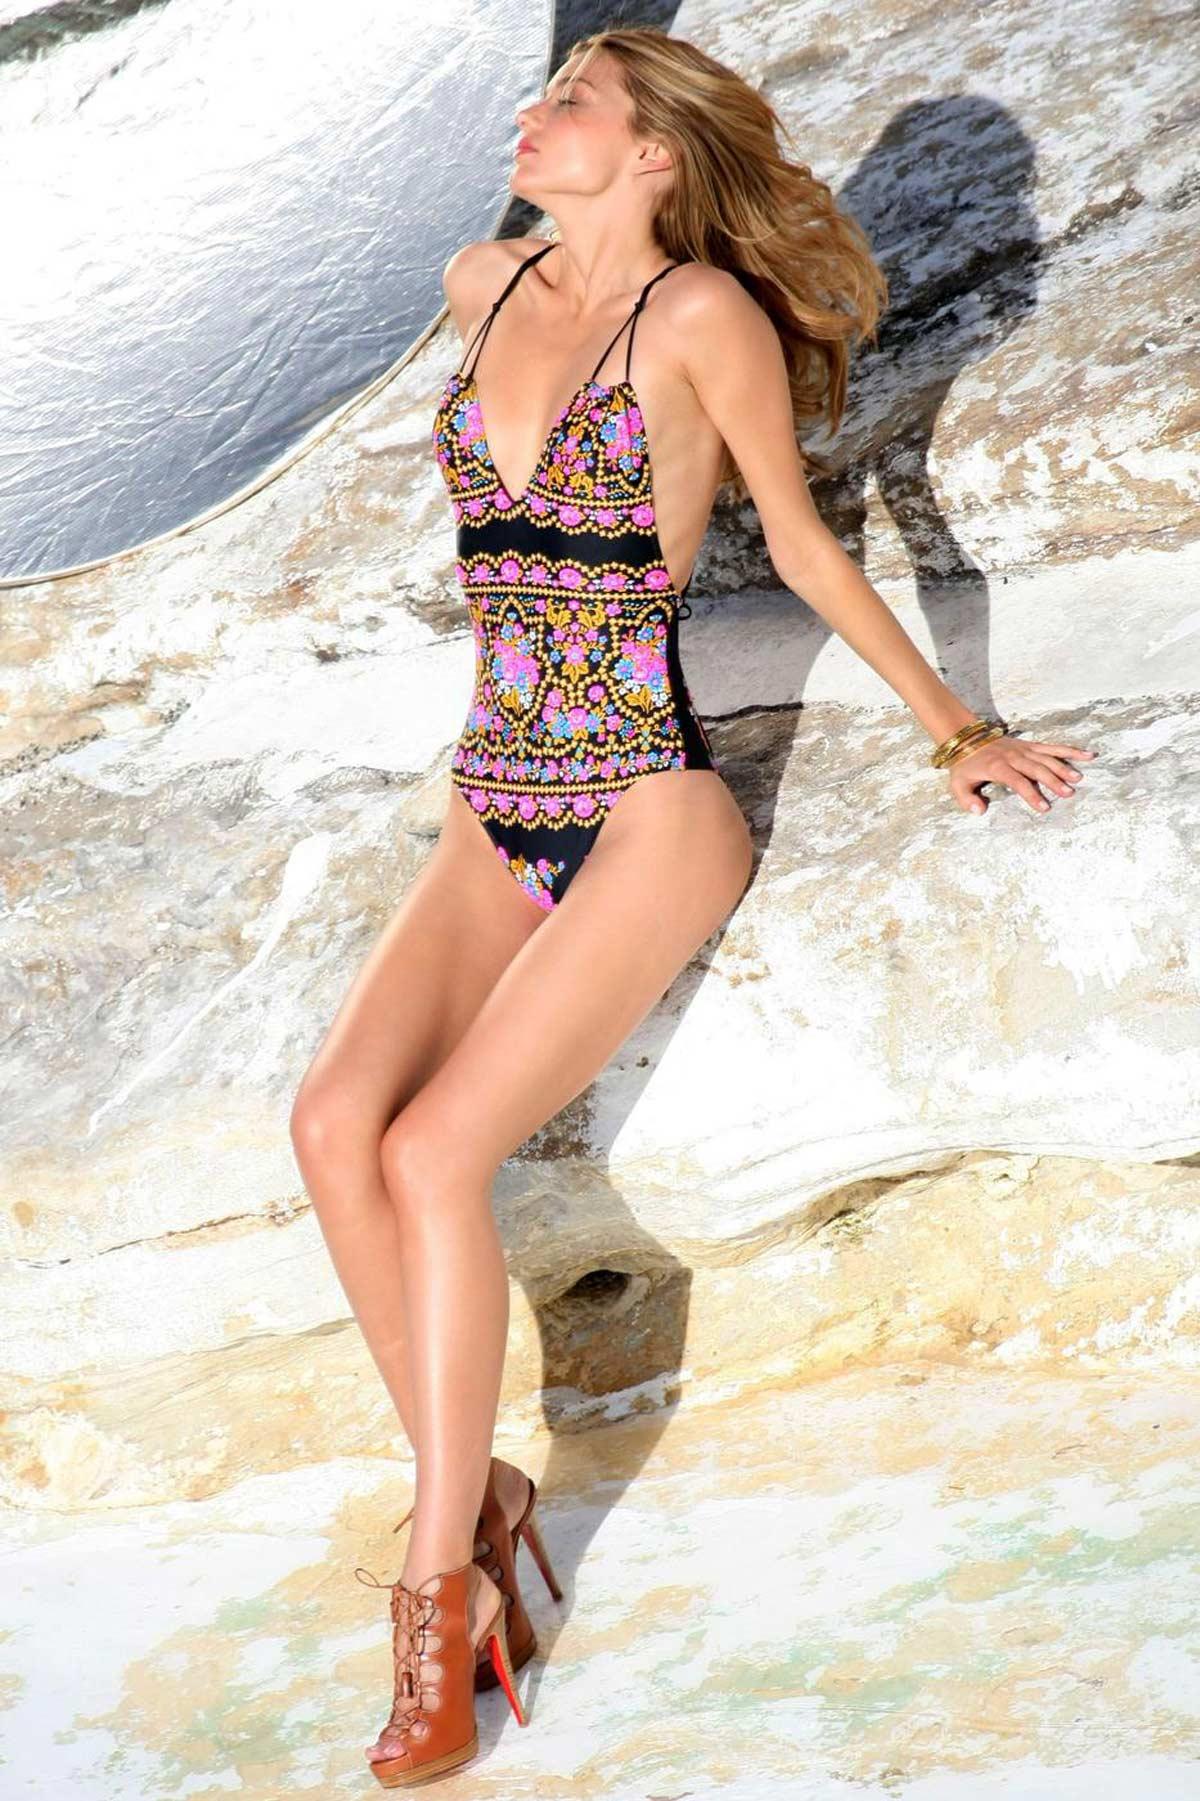 04895_miranda_kerr_bikini_photoshoot-17_122_409lo.jpg